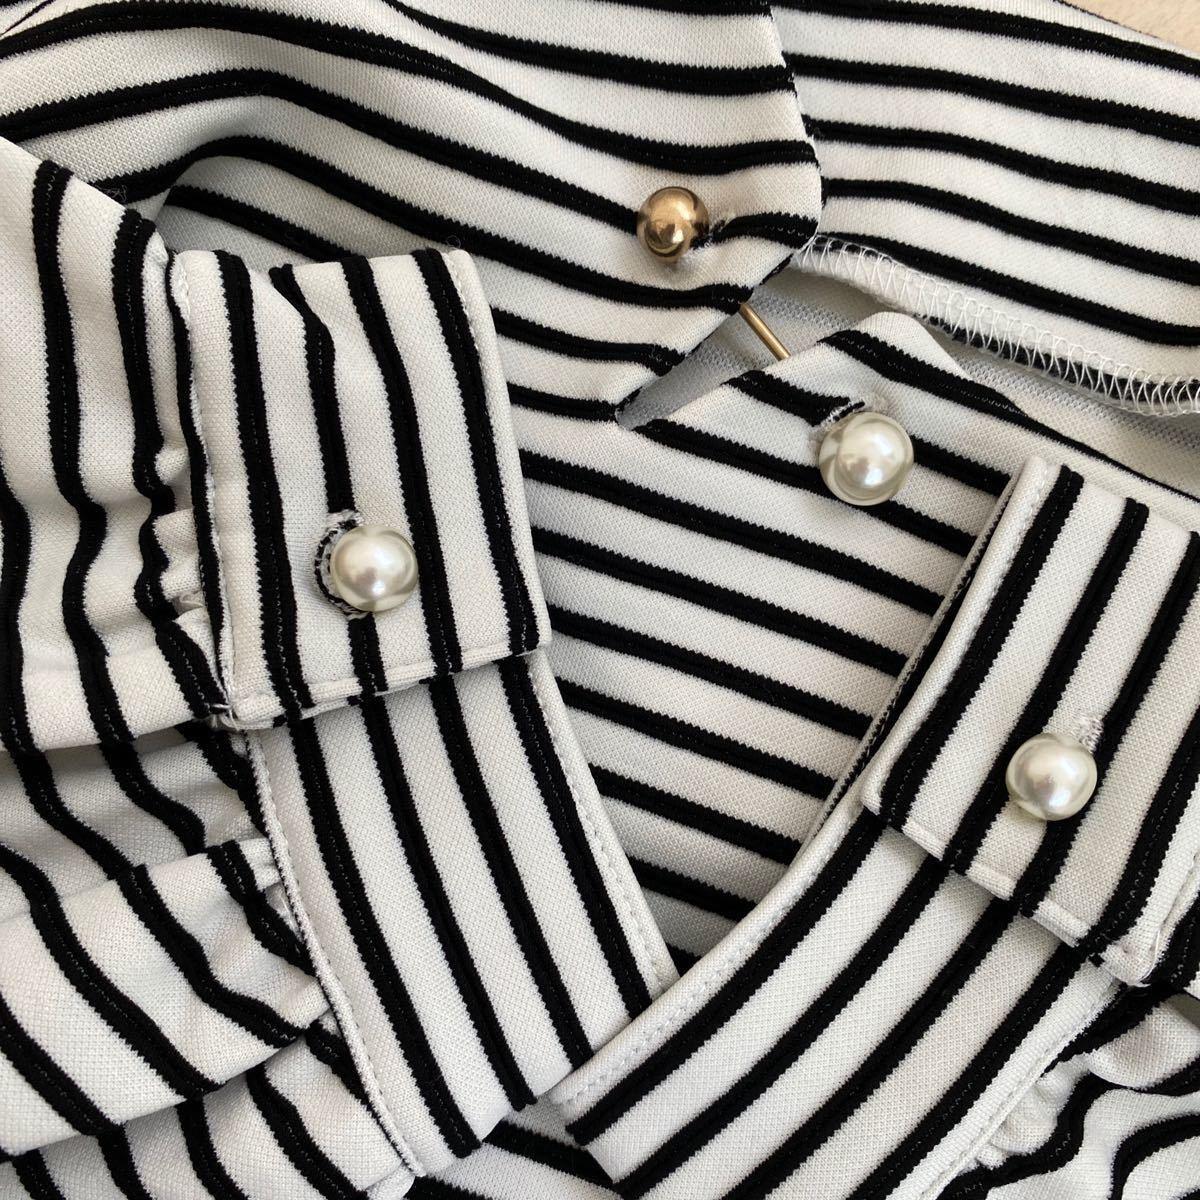 ボーダーカットソー トップス 七分袖 DRESKIP シューラルー白黒真珠風飾り